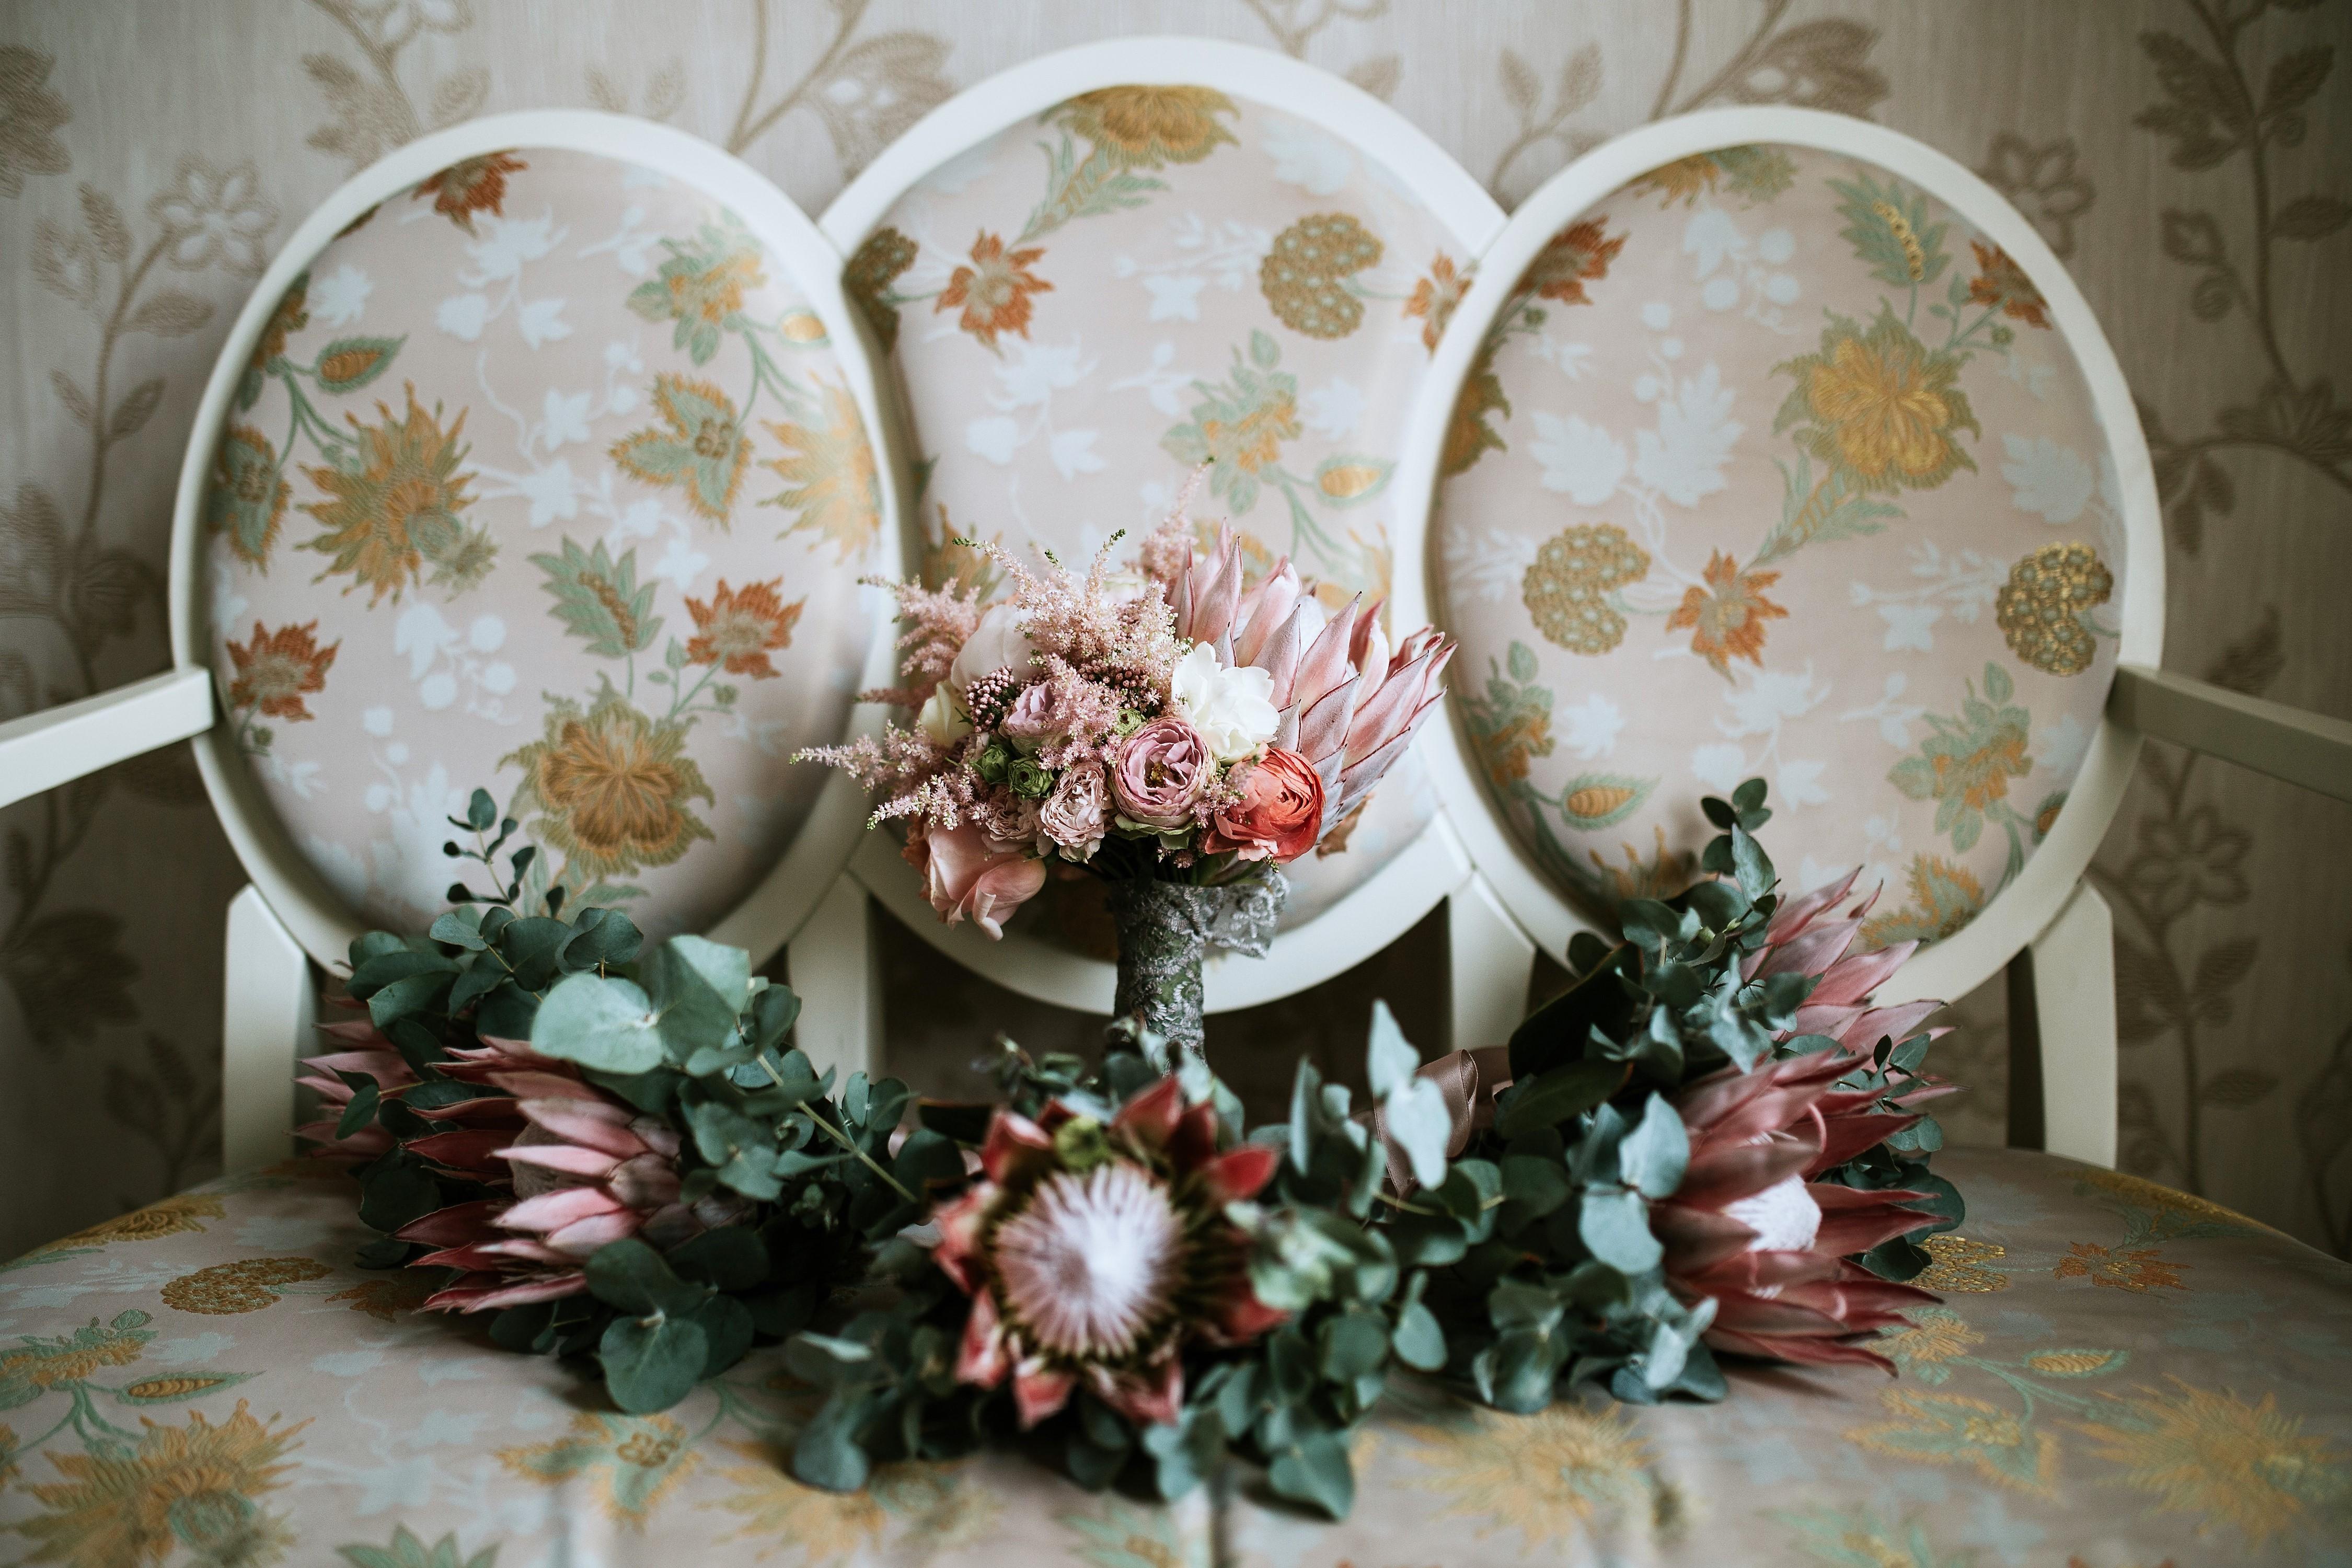 Diy Wedding Flowers.Why Diy Wedding Flowers Are A Wedding Don T Florist Blog